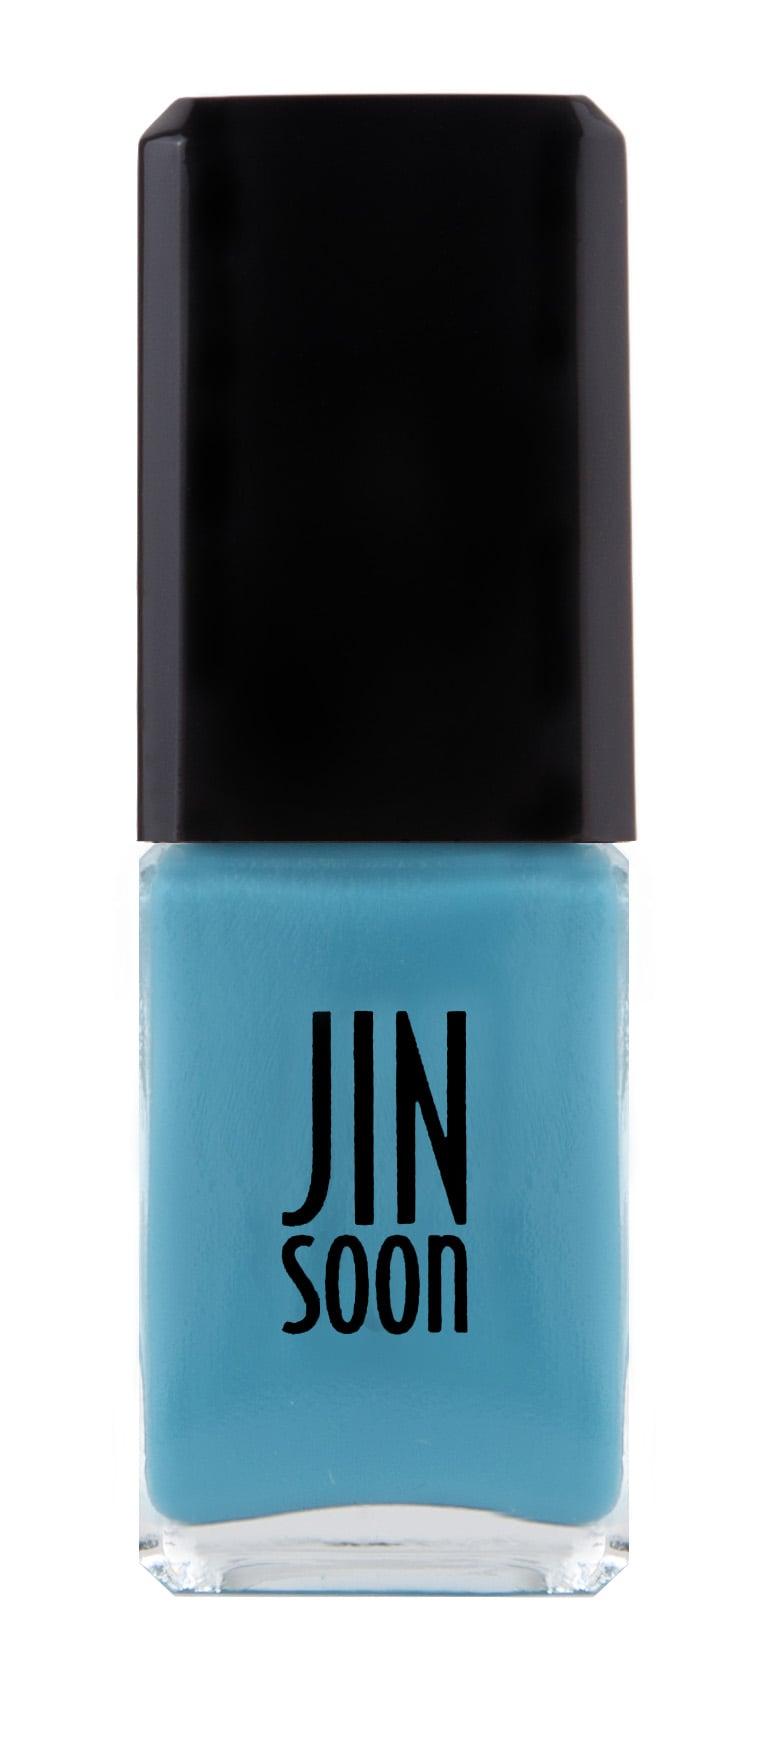 JINsoon Poppy Blue ($18)